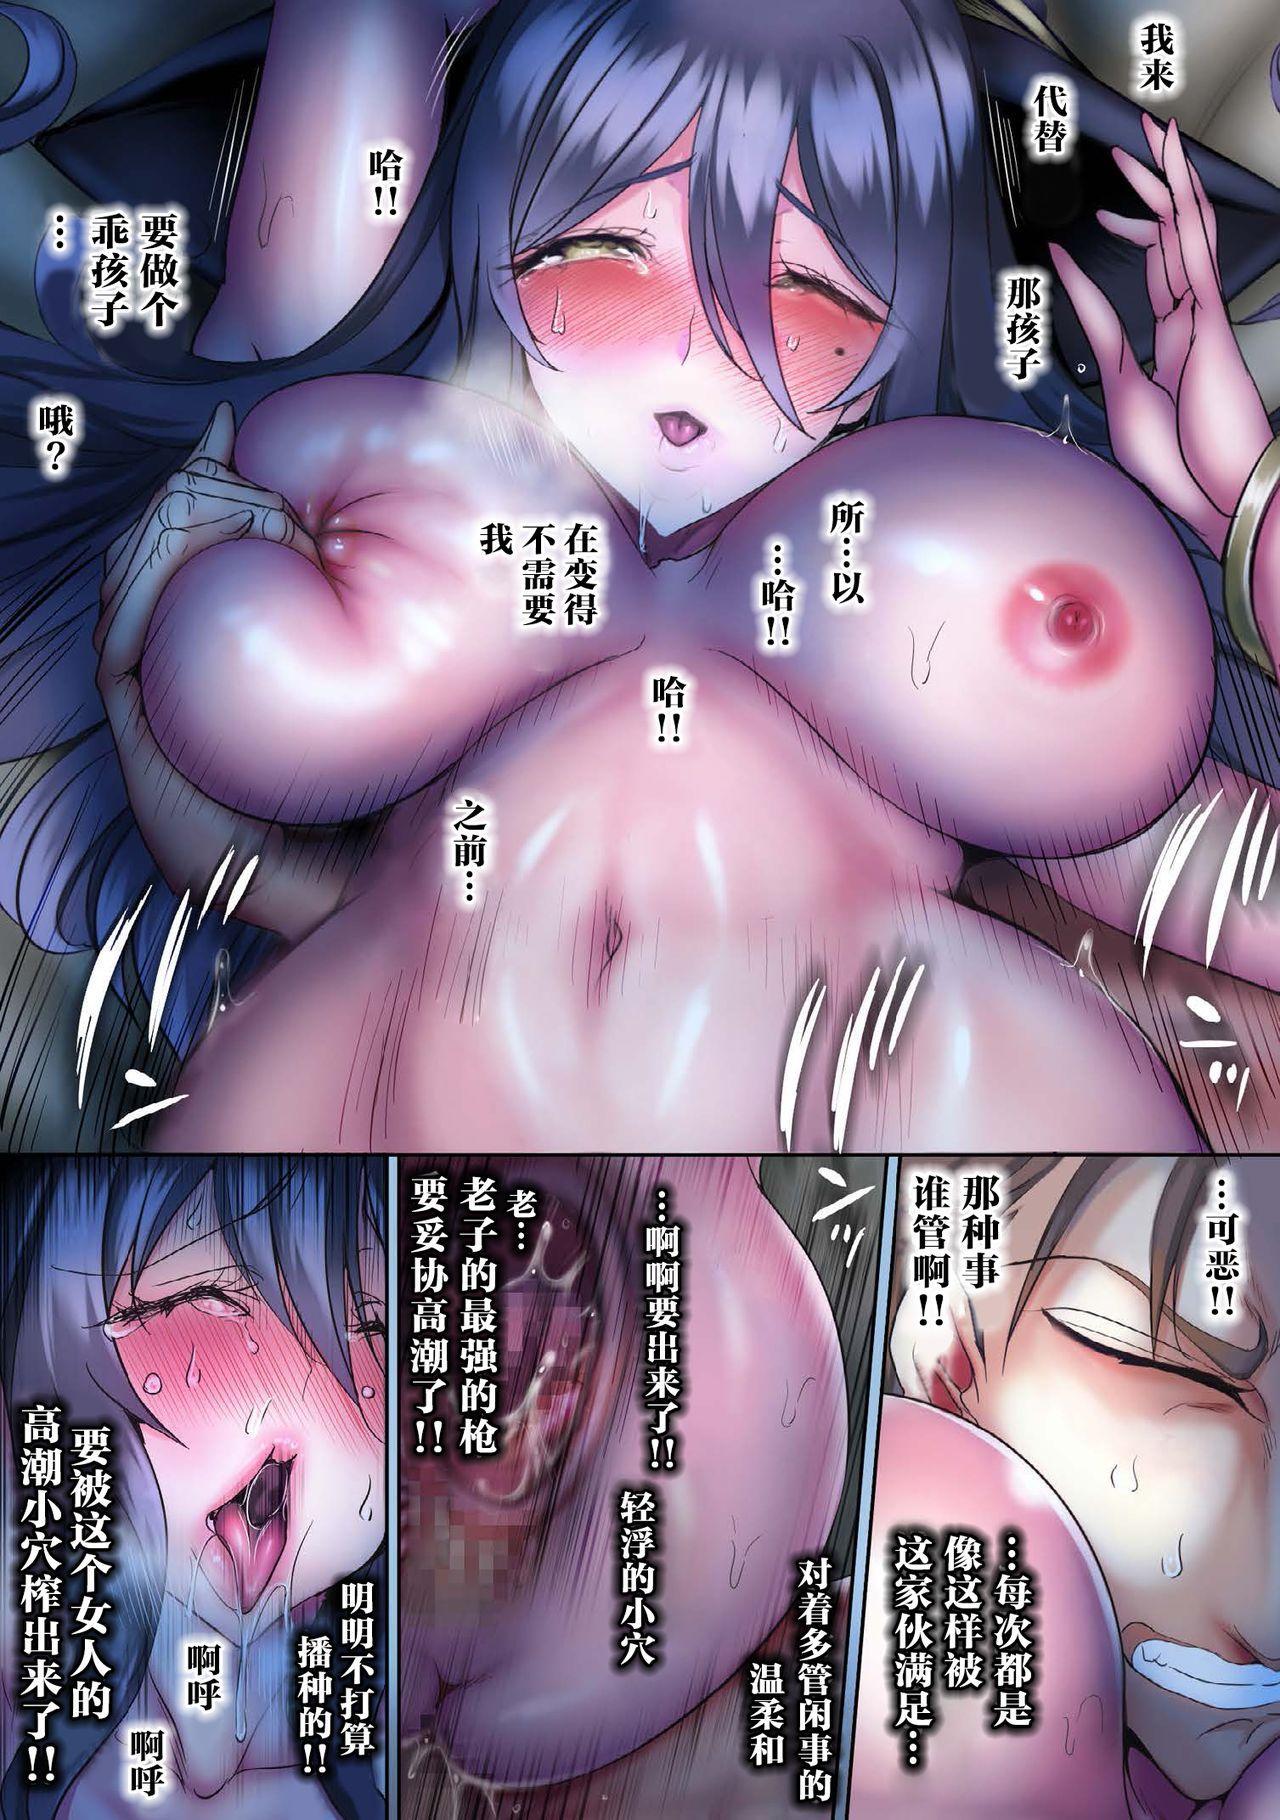 Zenmetsu Party Rape 3 | 全灭强奸派对3 34